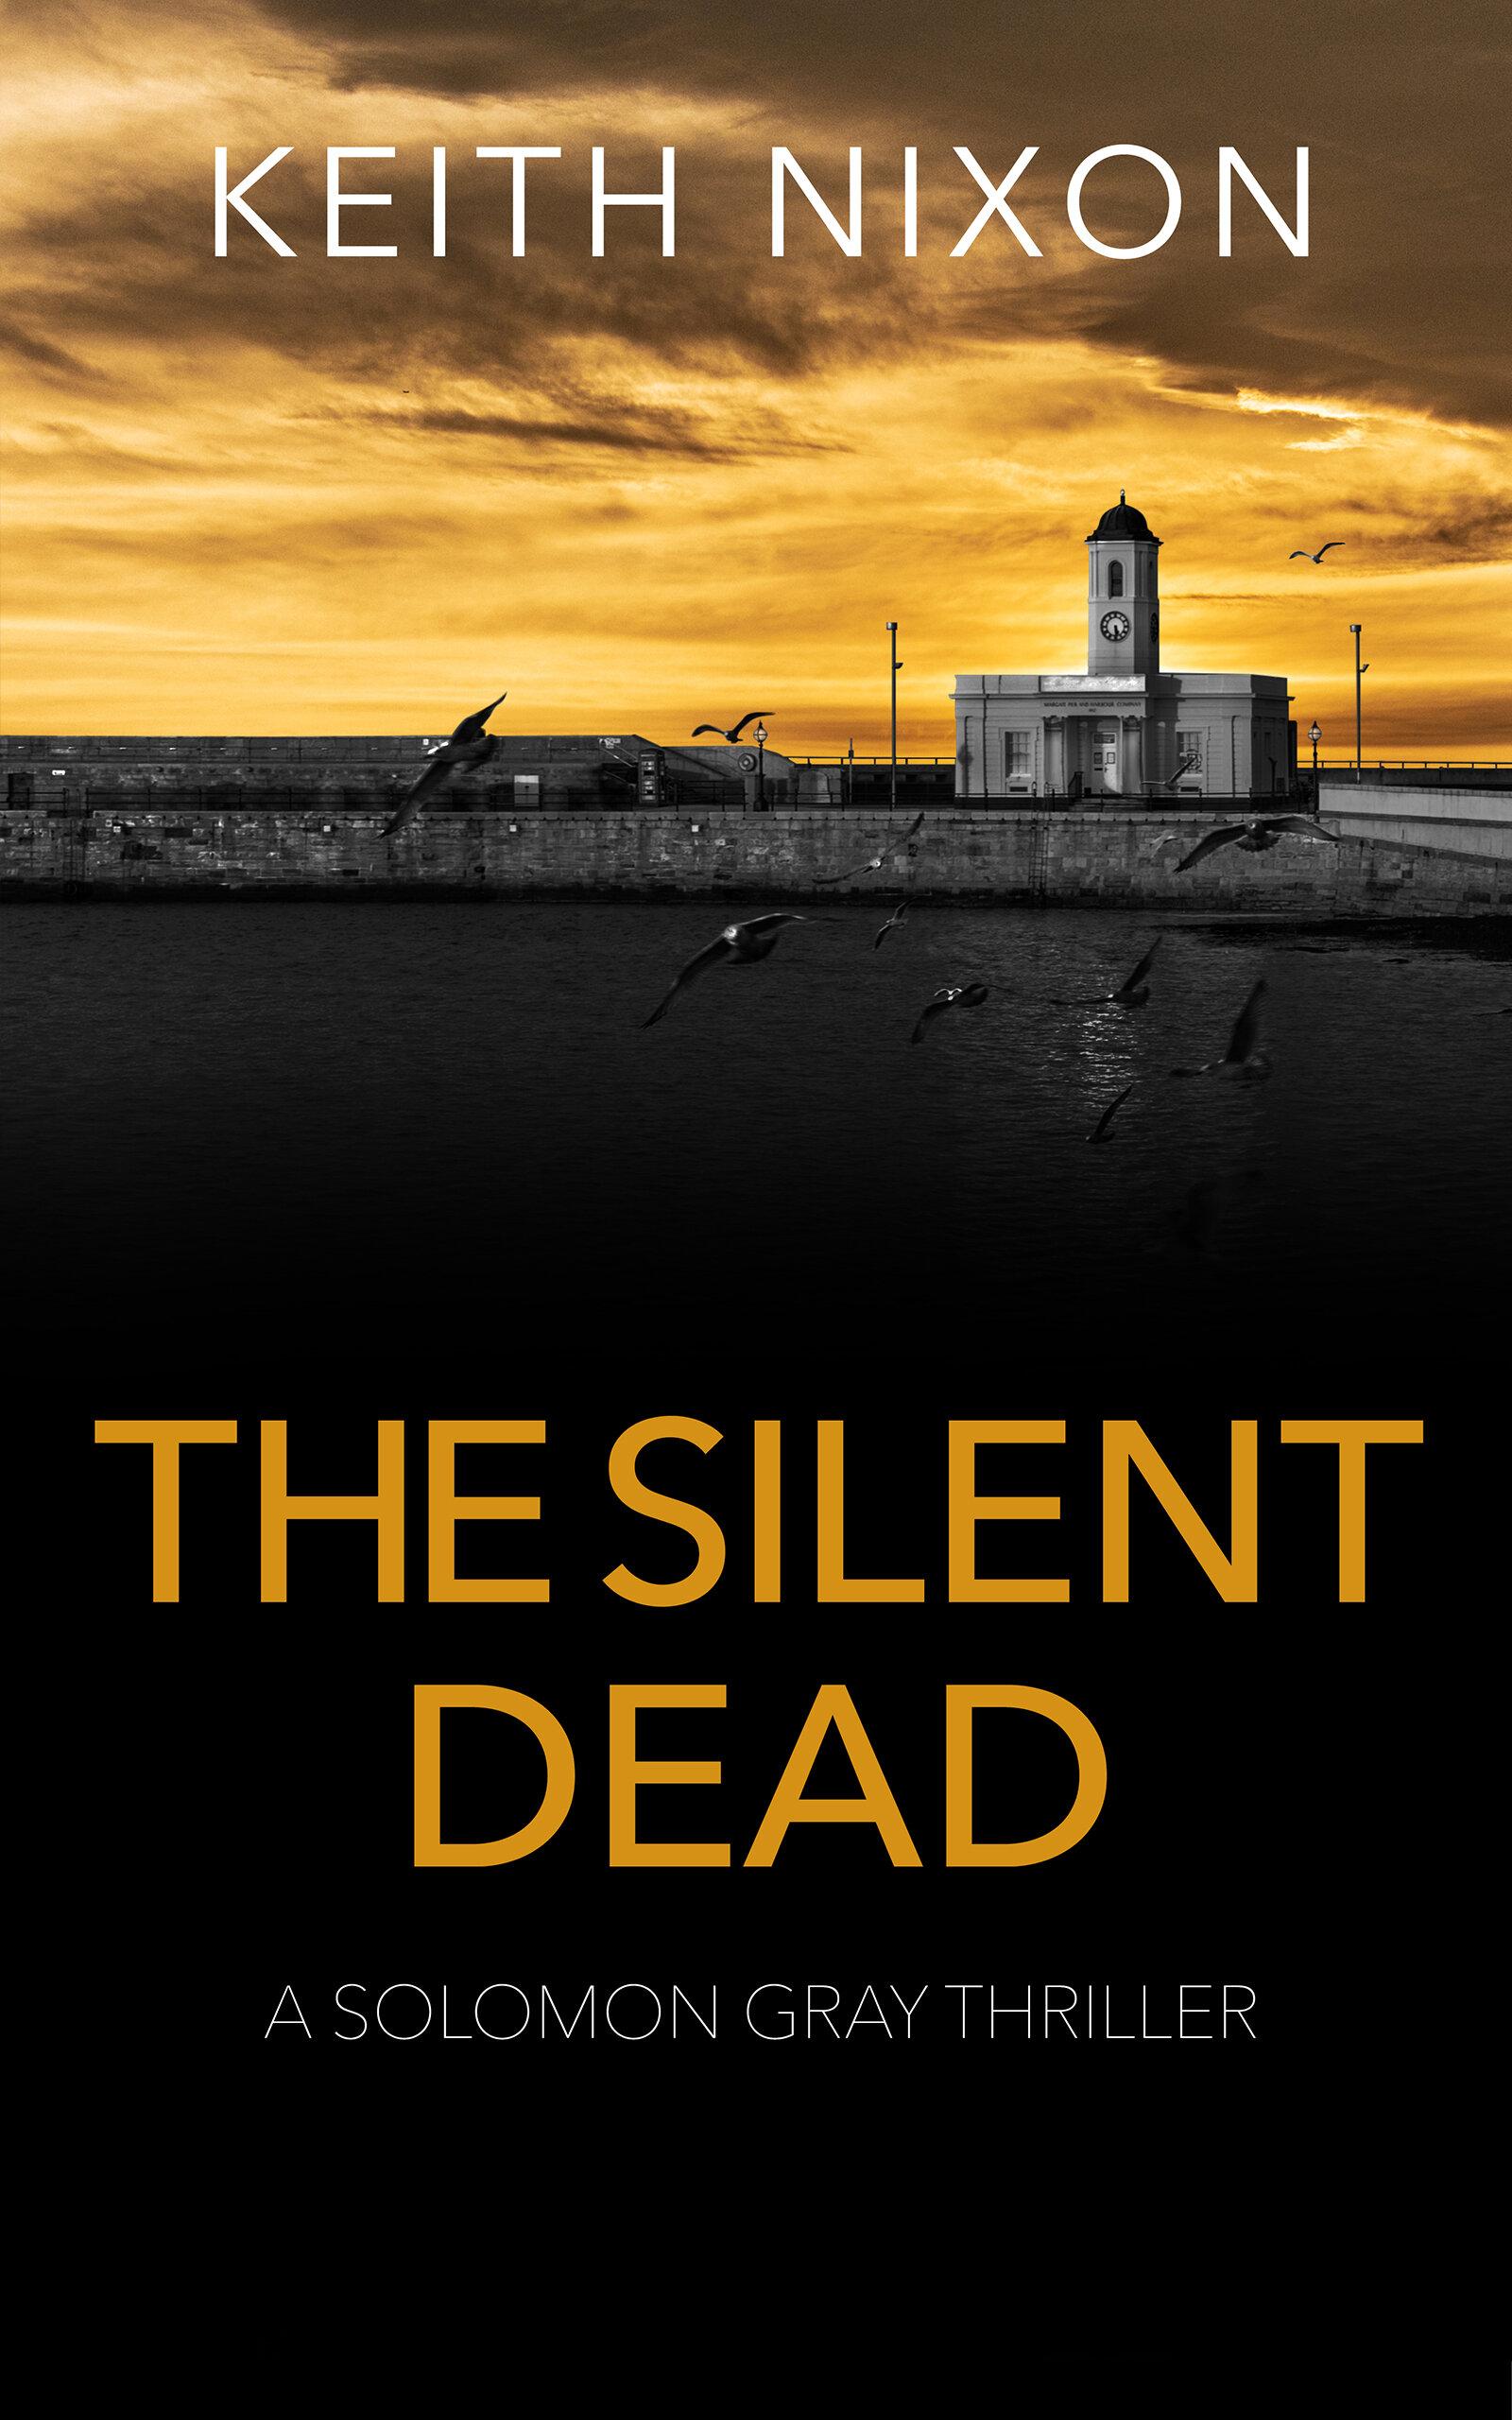 The Silent Dead - Amazon.jpg